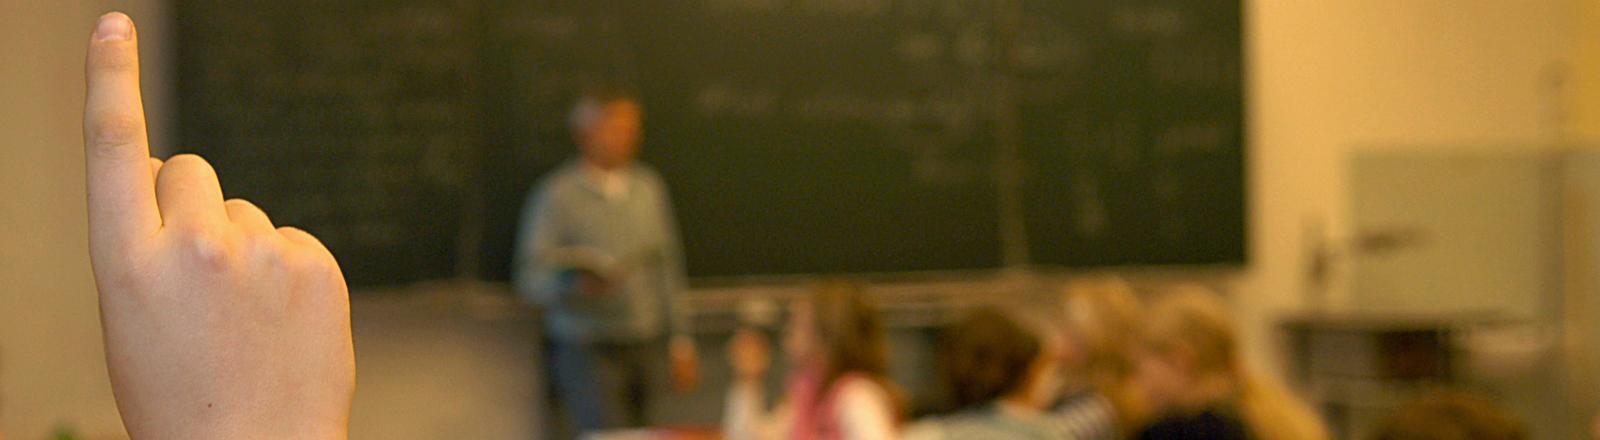 Blick in ein Klassenzimmer. Ein Lehrer steht vor der Tafel, eine Hand mit ausgestrecktem Zeigefinger ragt im Vordergrund ins Bild; Bild: dpa